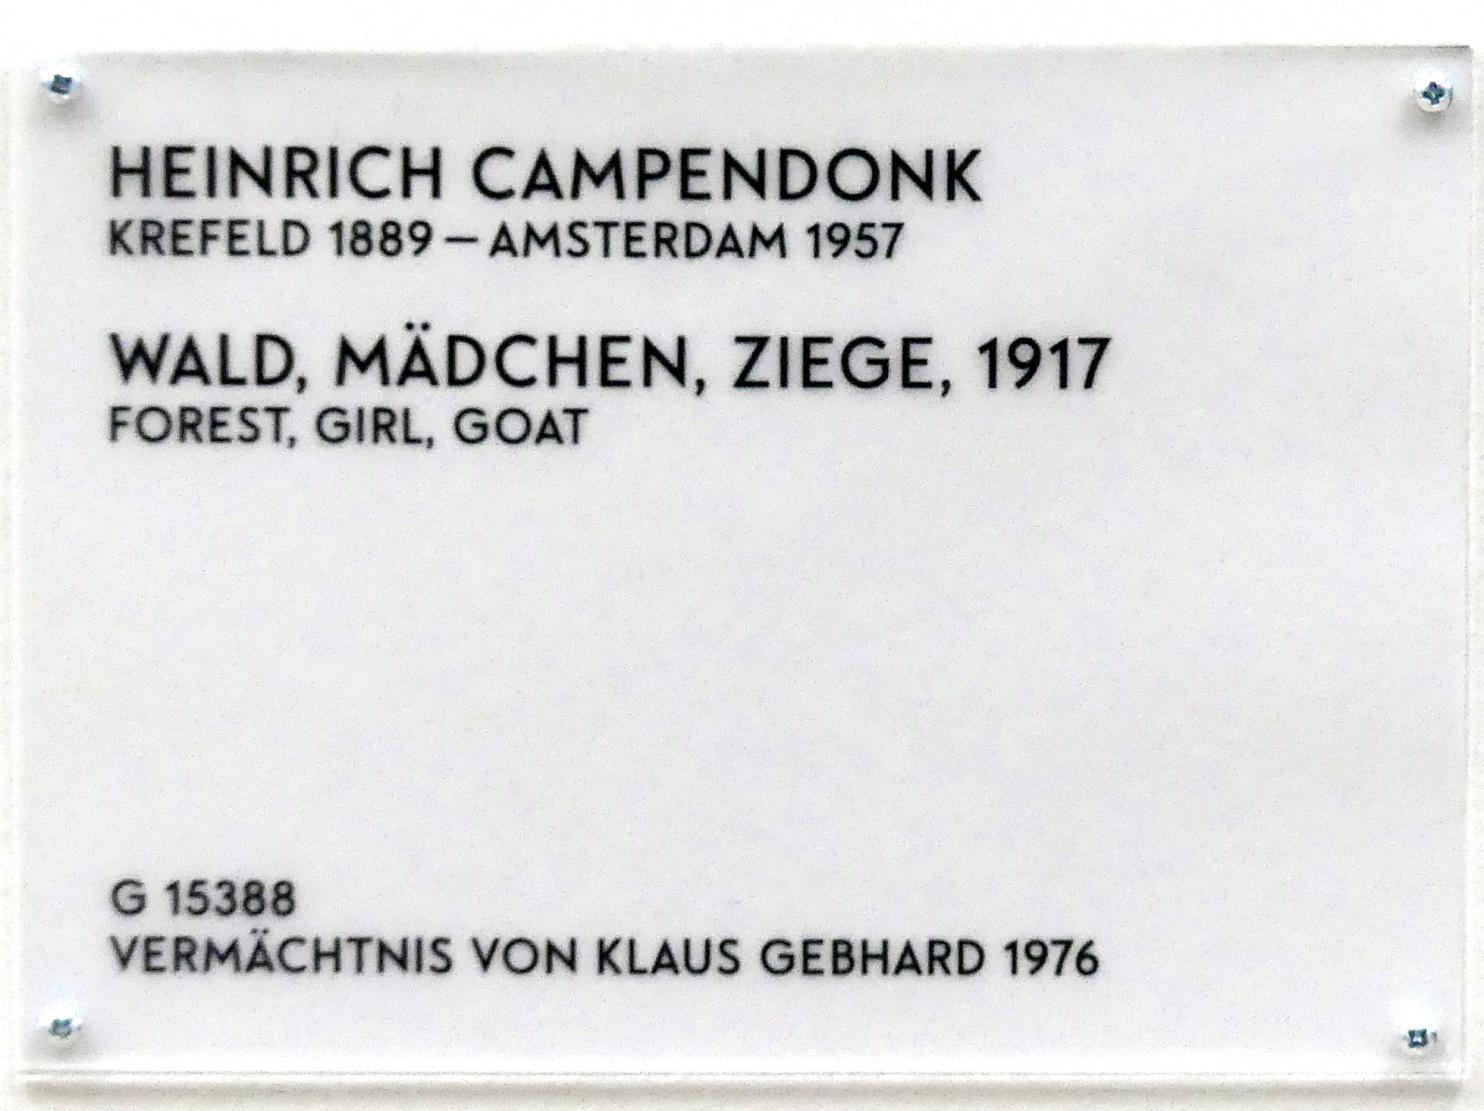 Heinrich Campendonk: Wald, Mädchen, Ziege, 1917, Bild 2/2